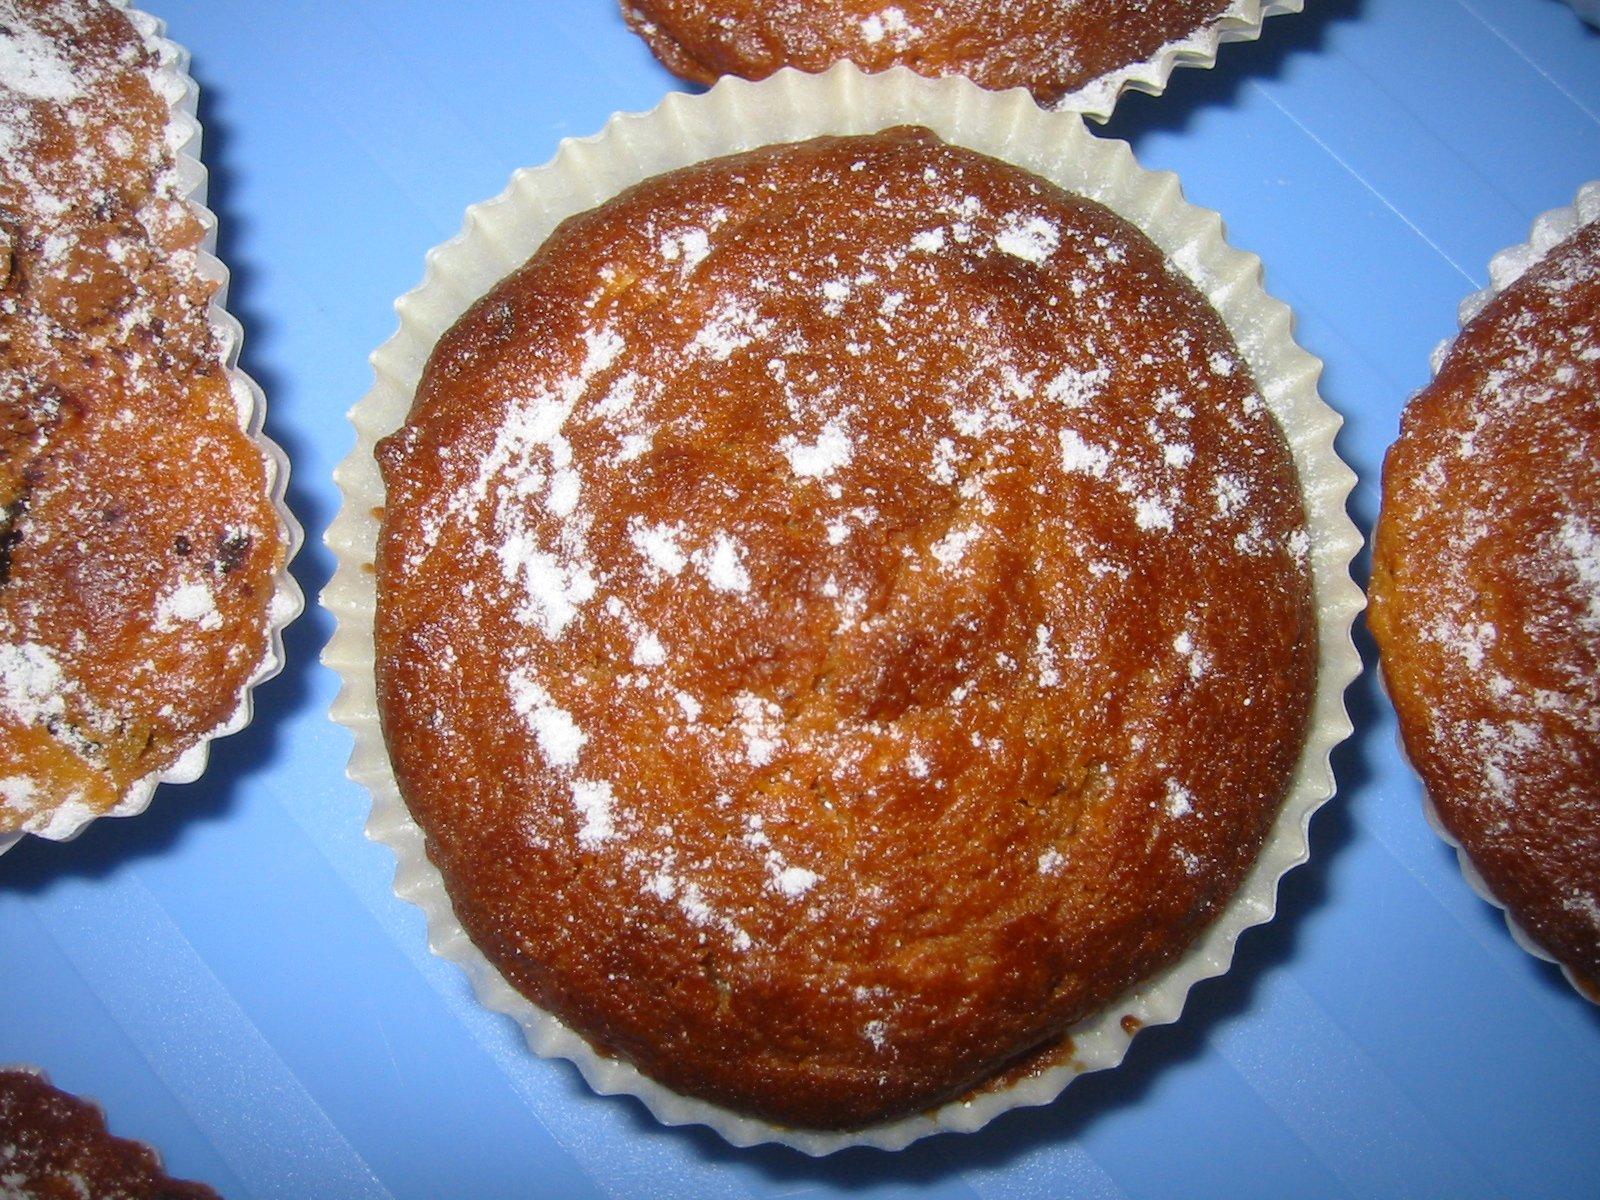 Recept Jablkové muffiny - Košíčky jsem naplnila téměř plné, dala do trouby a mufinky krásně vyběhly. Z této dávky jich je cca 30 ks. Rychlé a výborné. :-)